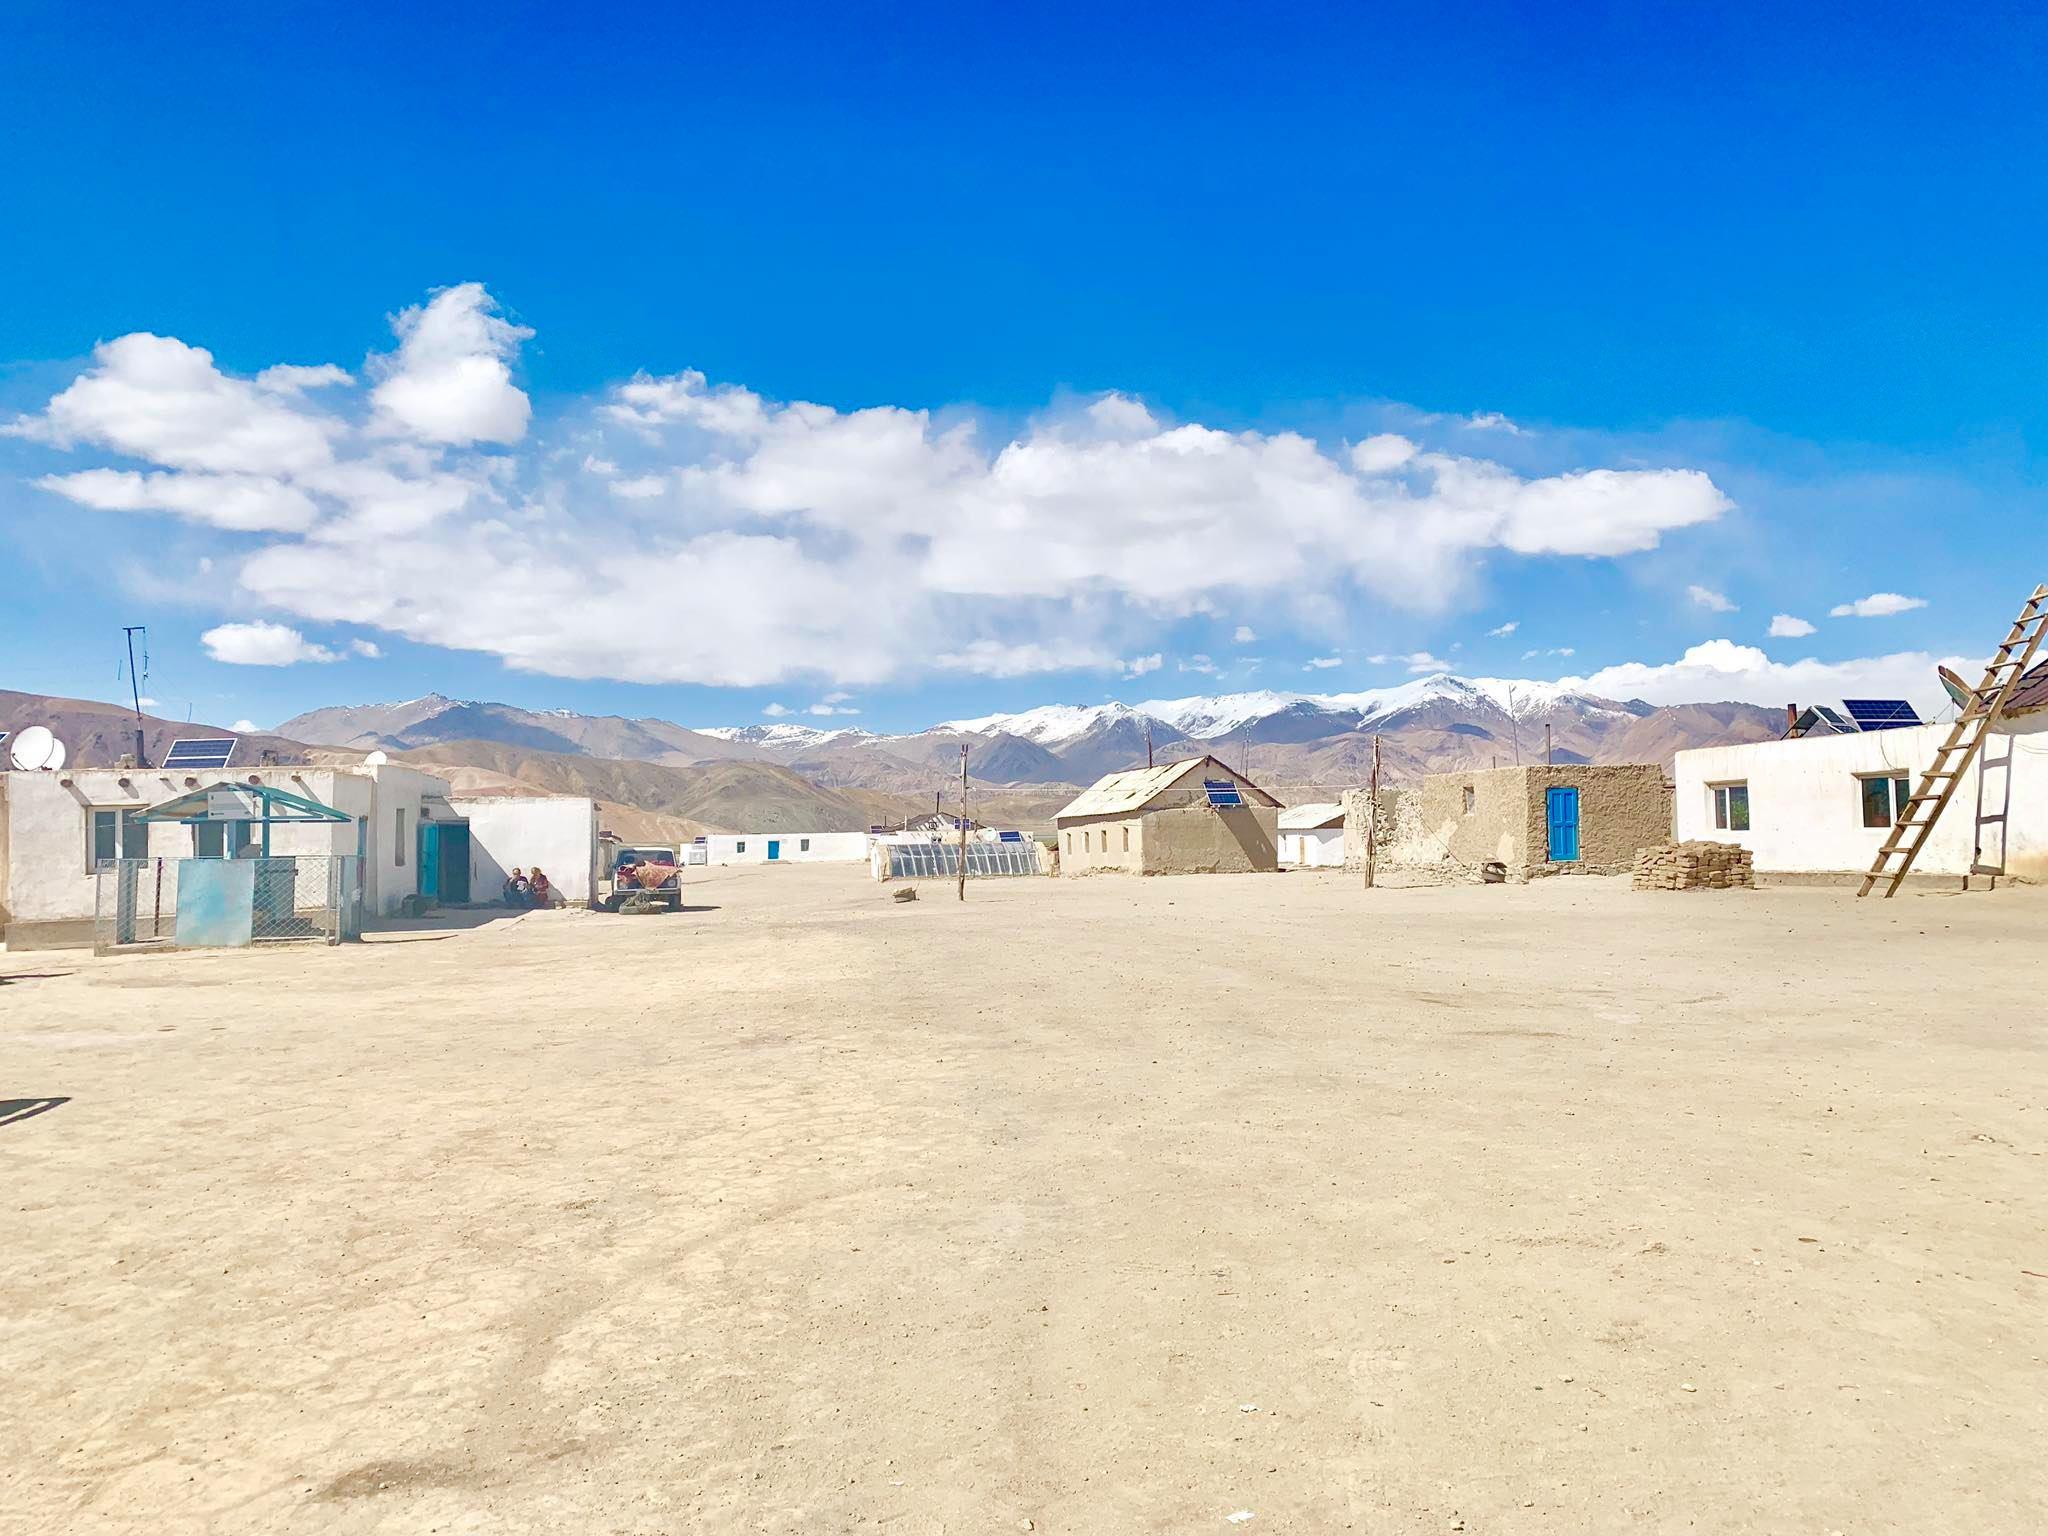 Kach Solo Travels in 2019 Homestay at Bulunkul Village18.jpg